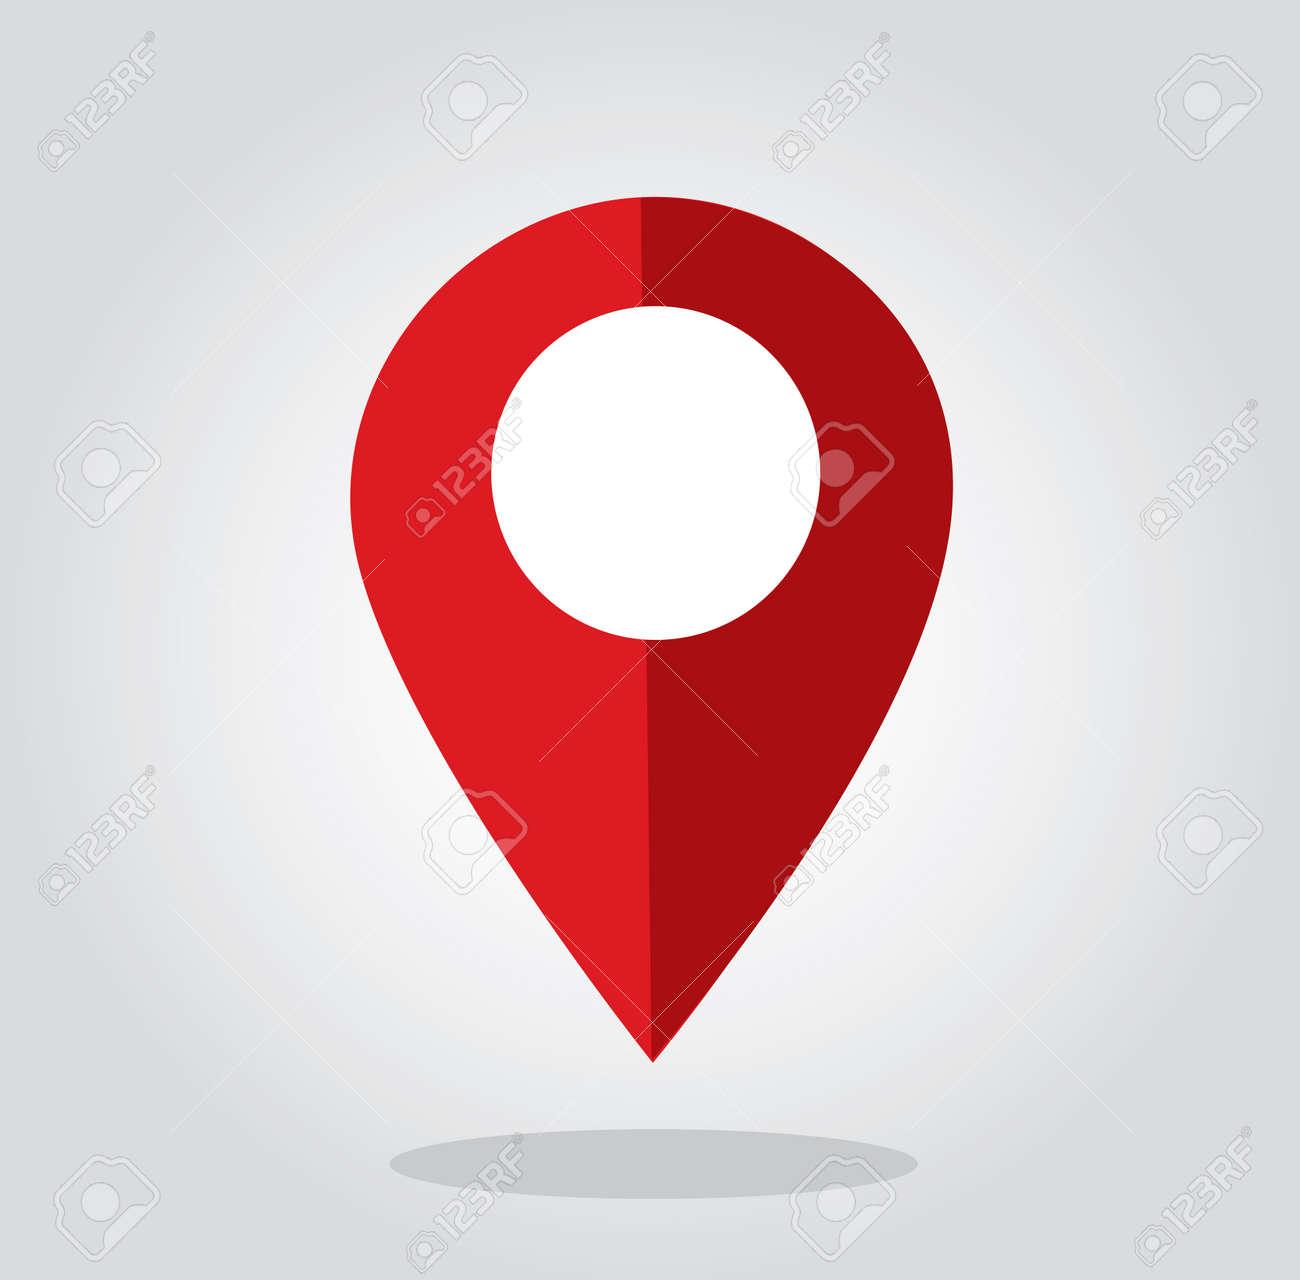 location icon symbol vector royalty free cliparts vectors and